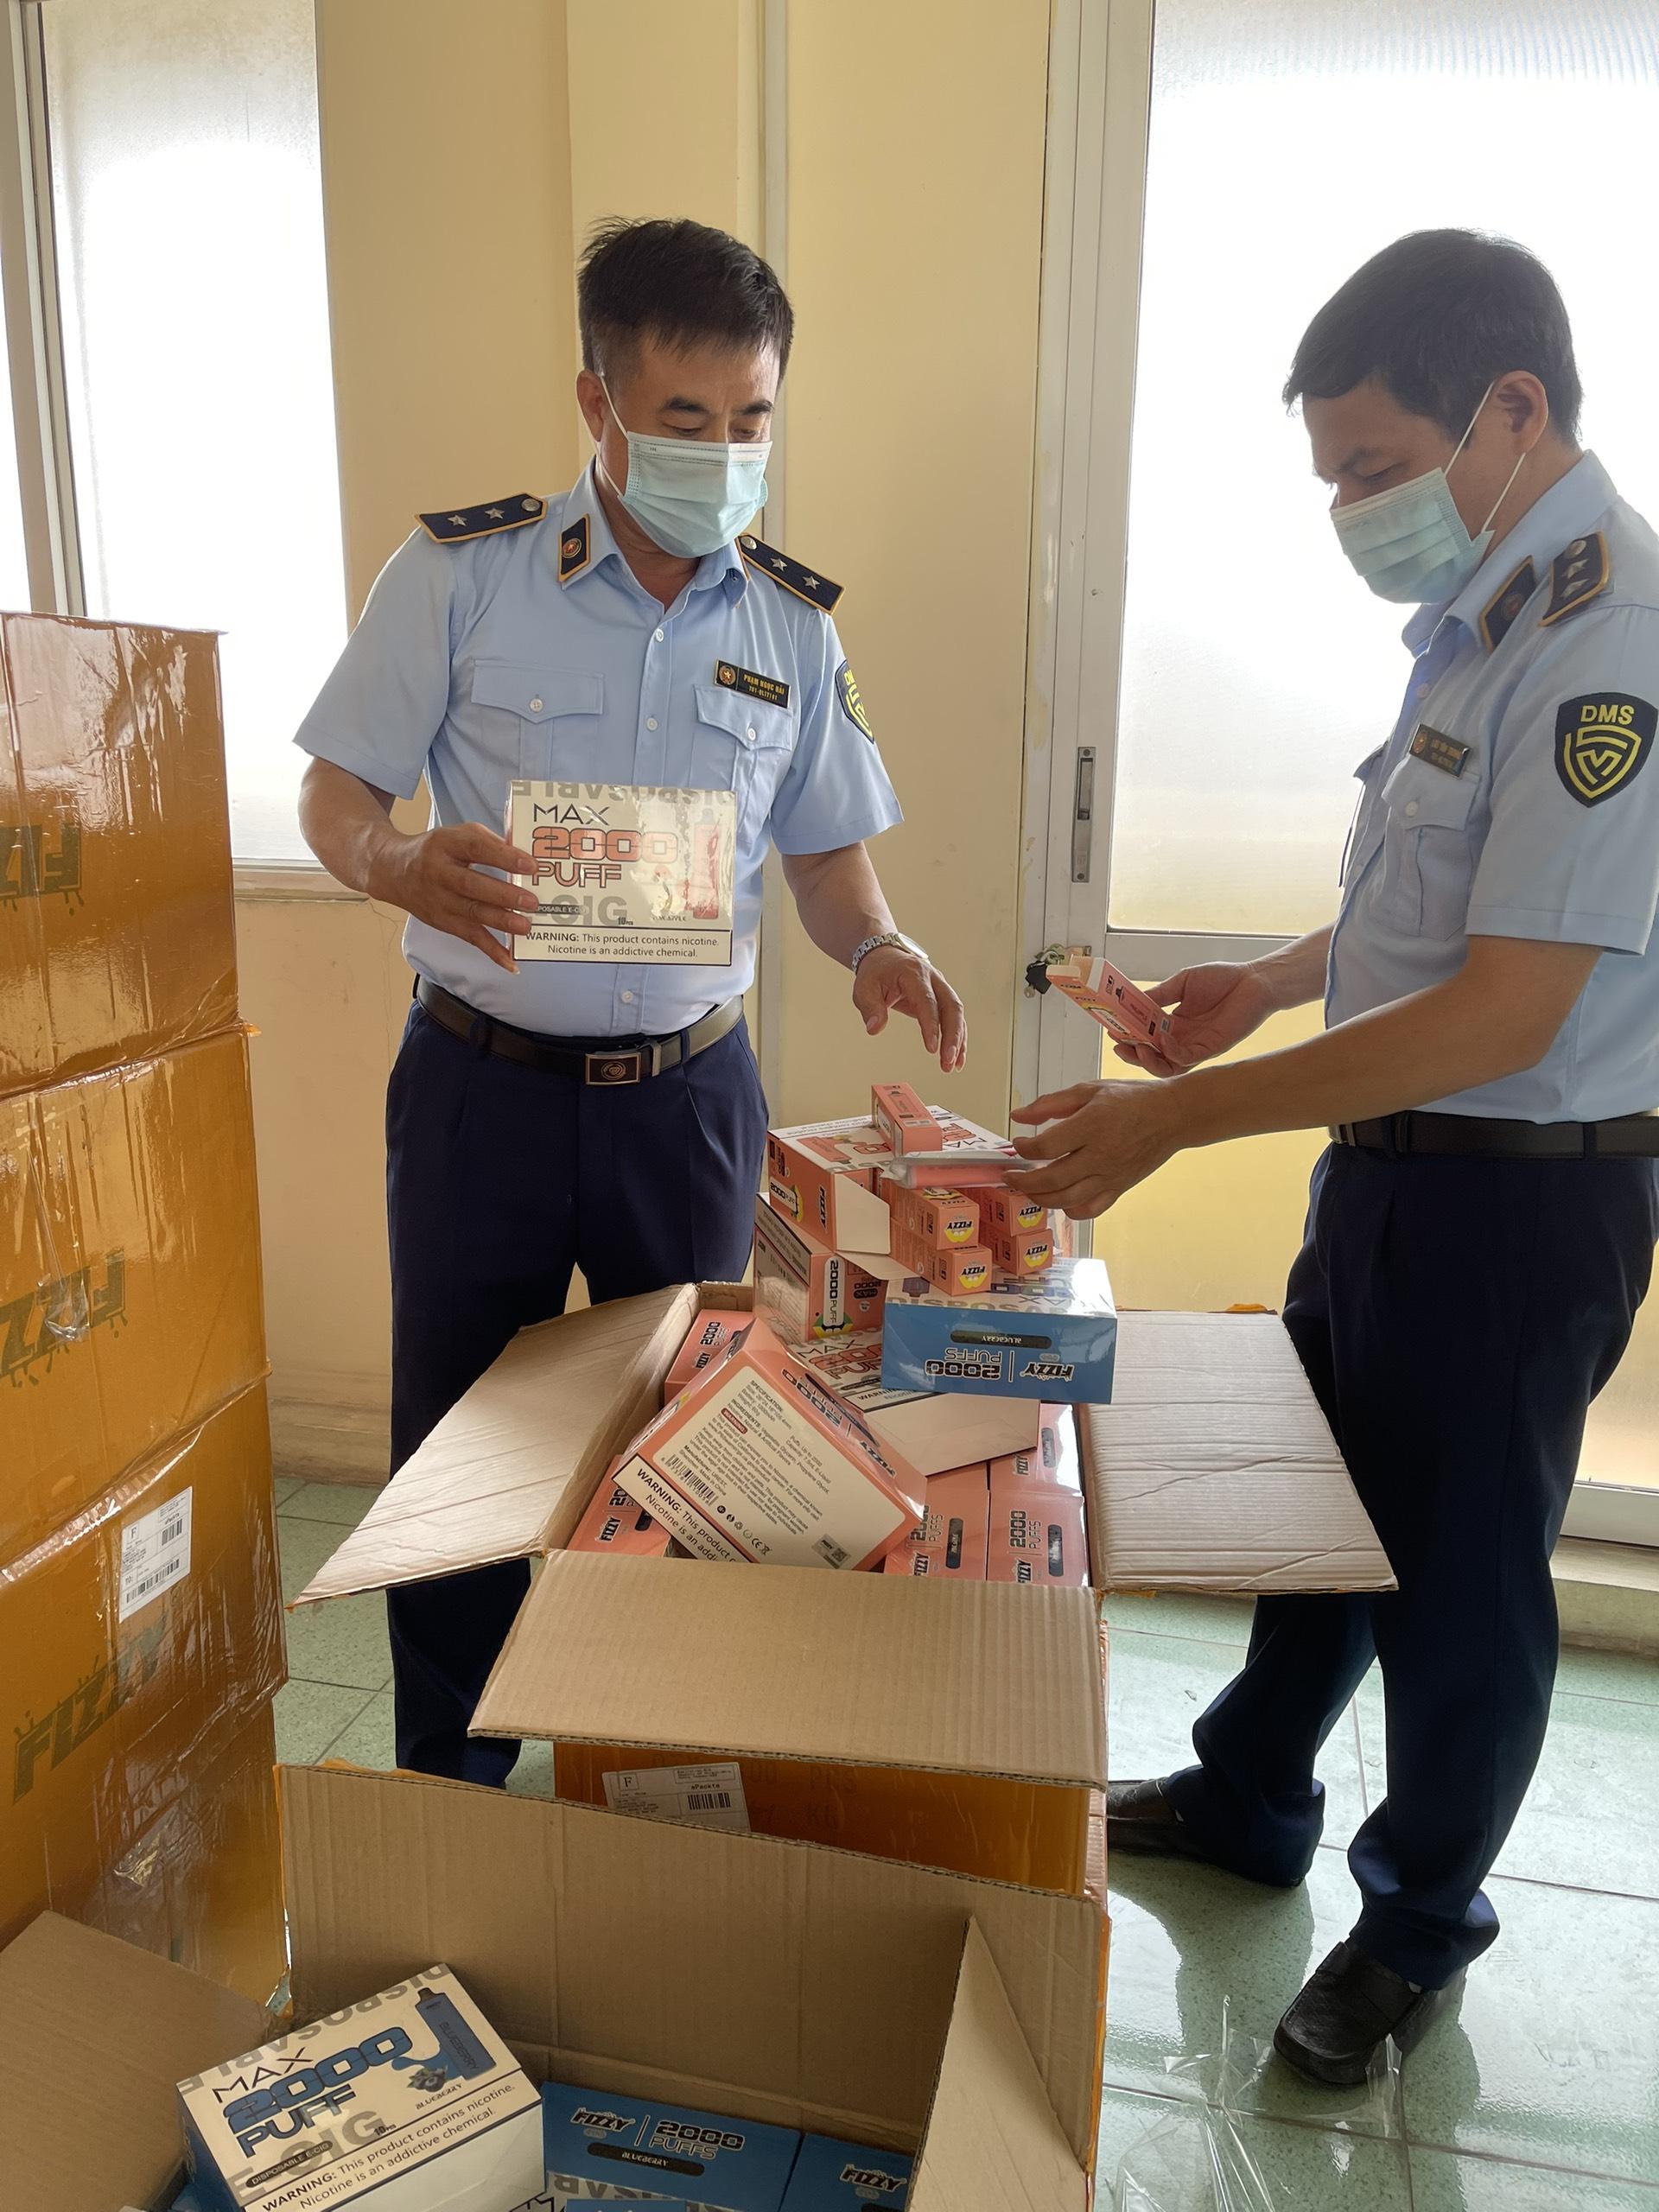 Lực lượng chức năng đang kiểm tra số hàng hóa bị thu giữ